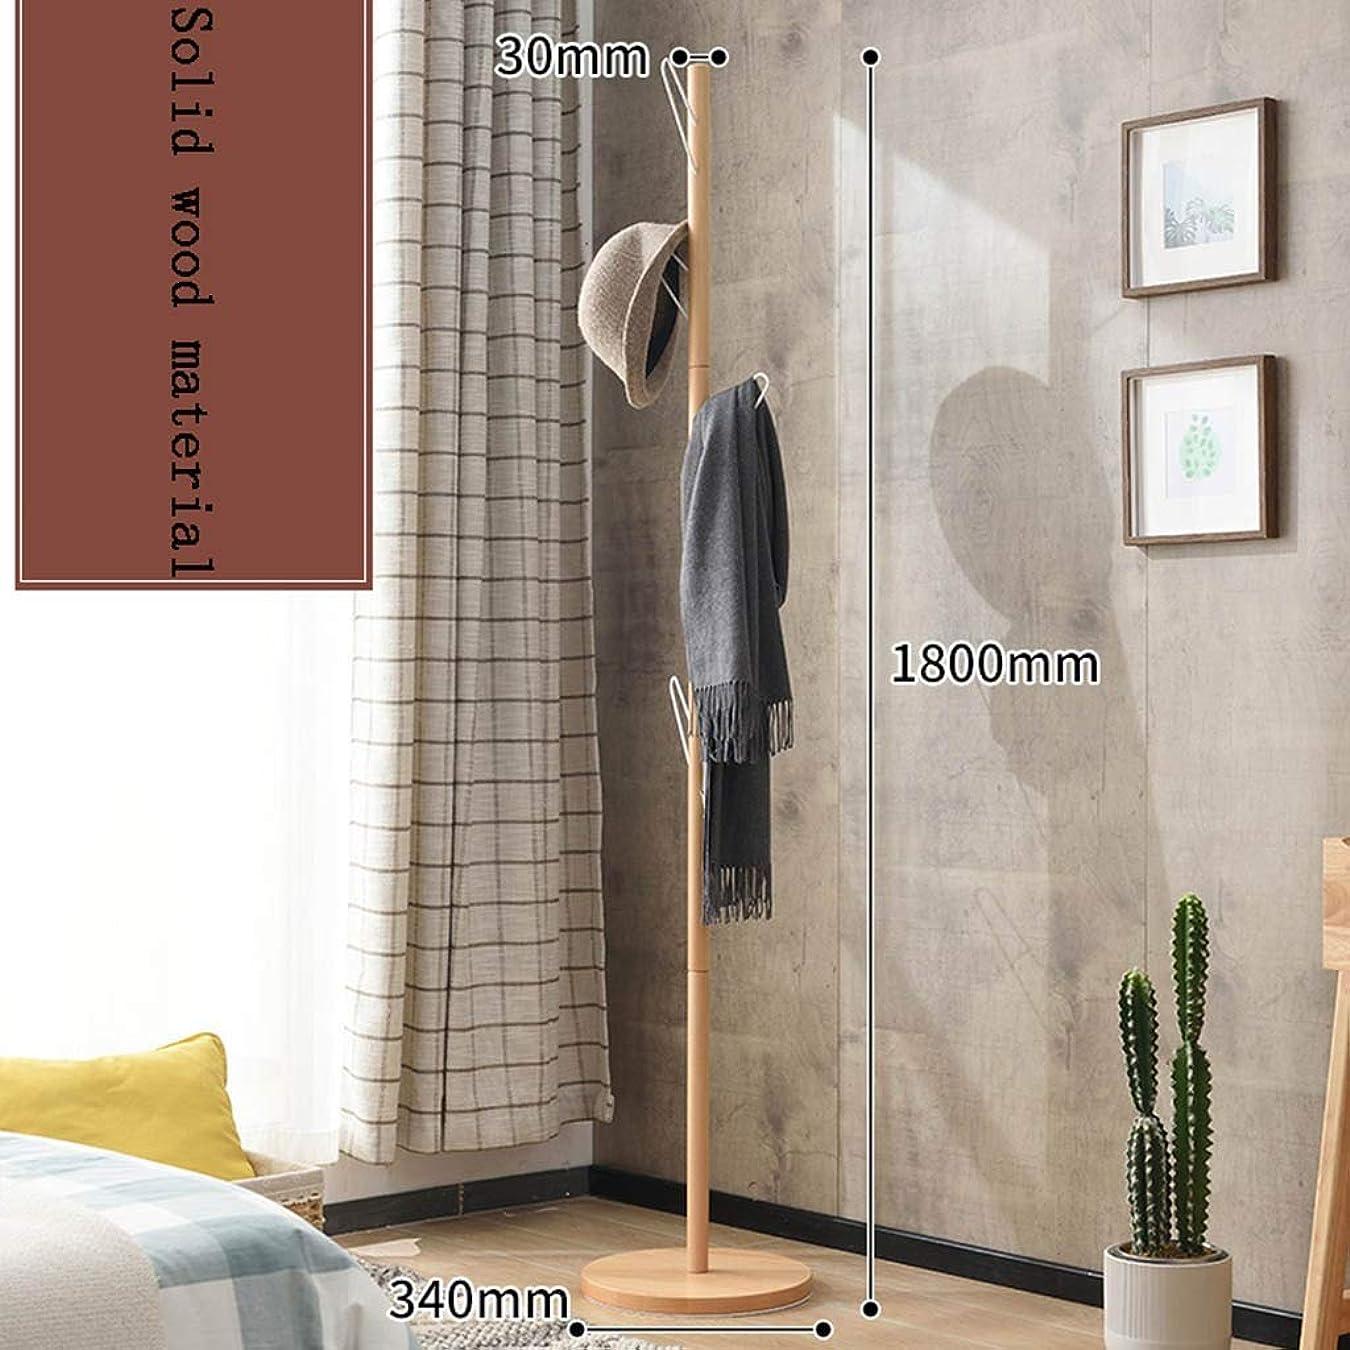 アサー部屋を掃除する専門化する純木のコートの棚の衣服はよい安定性および強い耐荷重性を立てます AMINIY (Color : B)